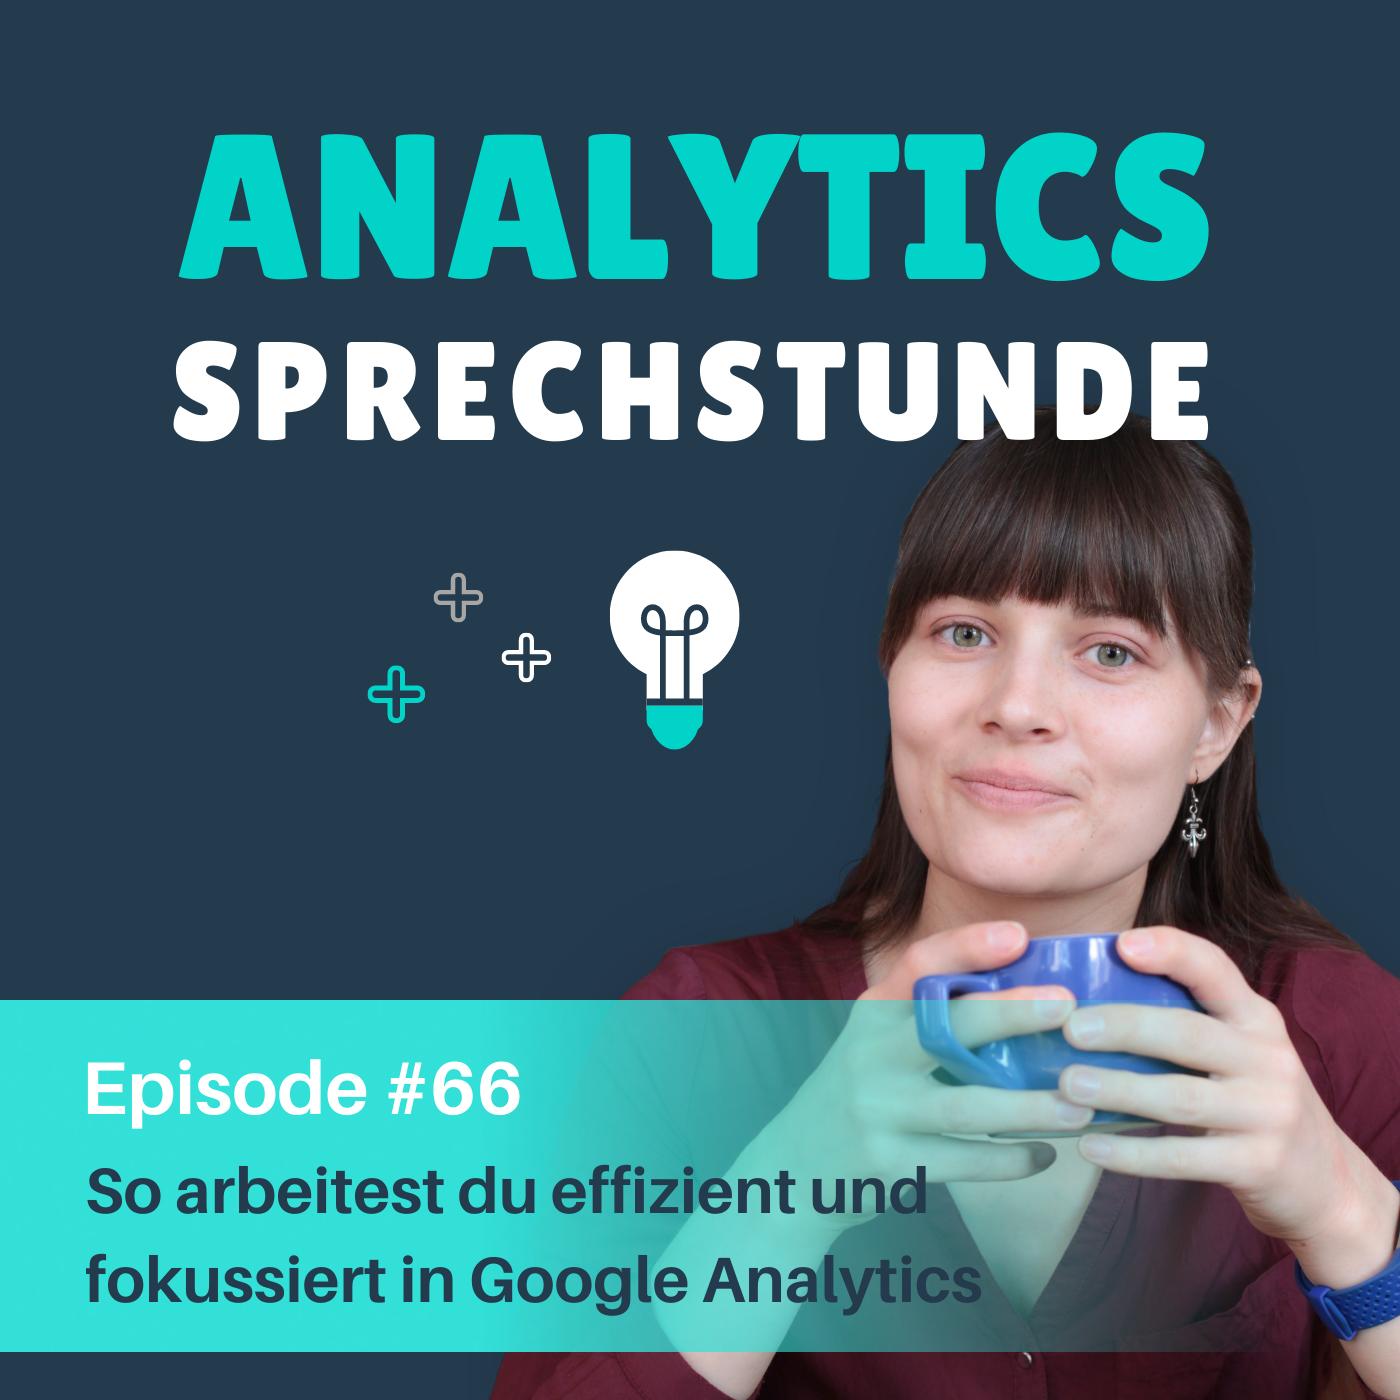 66 So arbeitest du effizient und fokussiert in Google Analytics